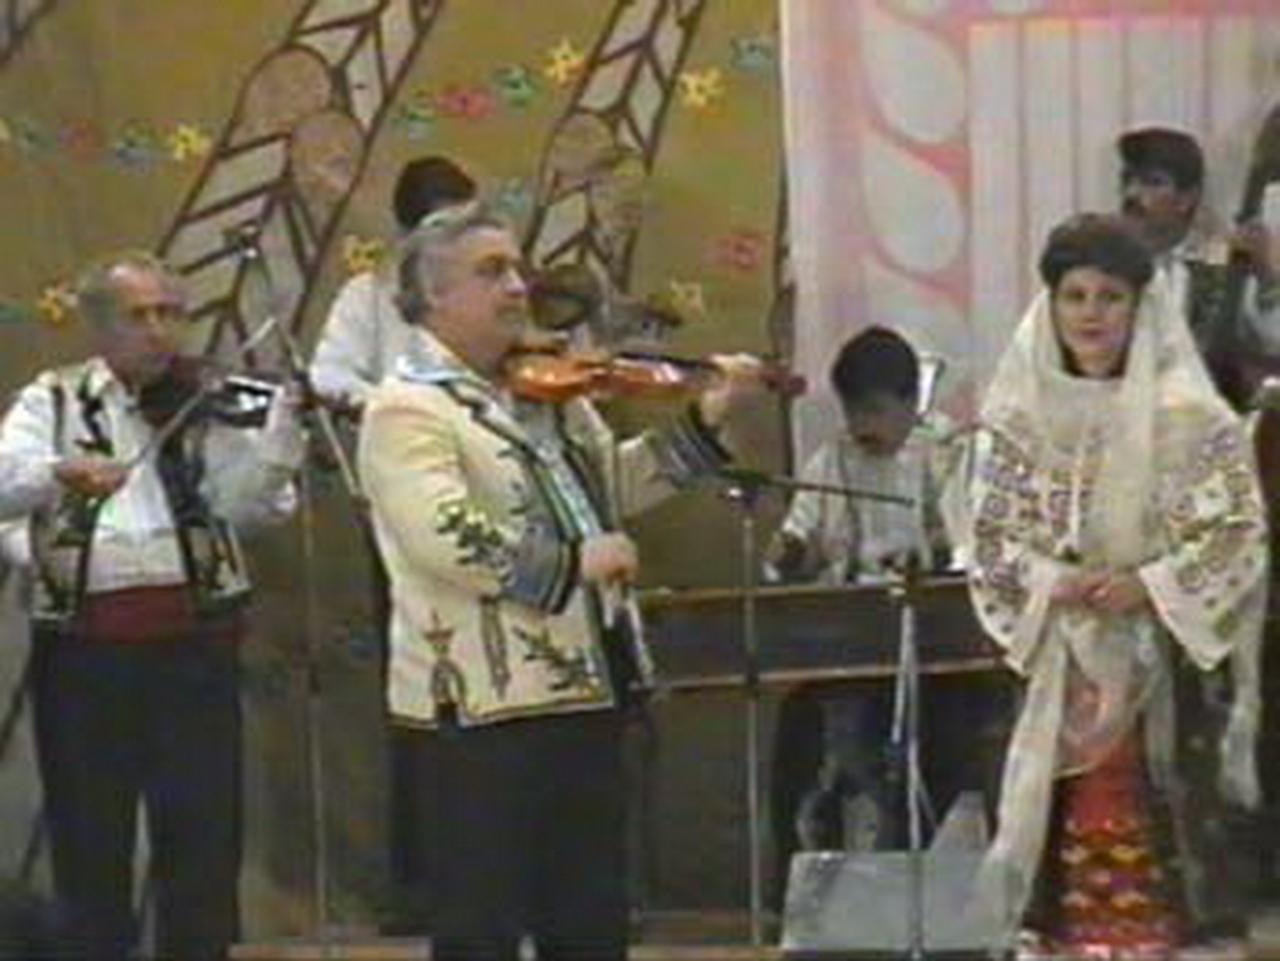 1995 - Ion Albesteanu